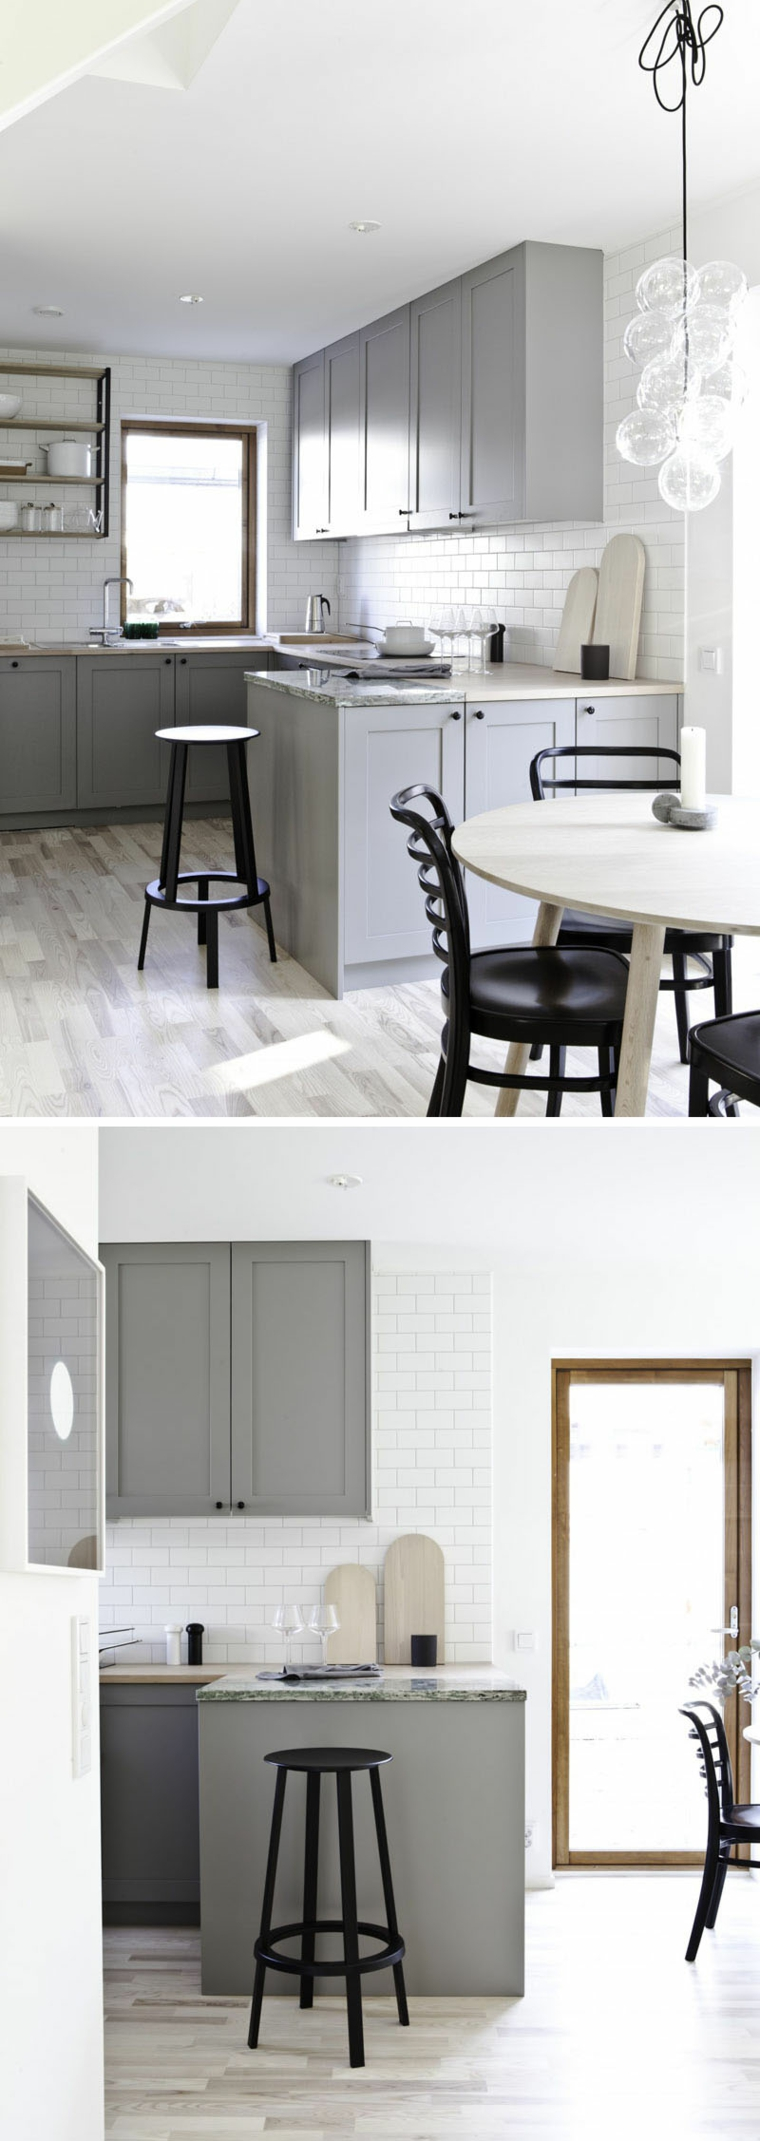 Colore pareti bianca, cucina con isola laterale, tavolo da pranzo con sedie